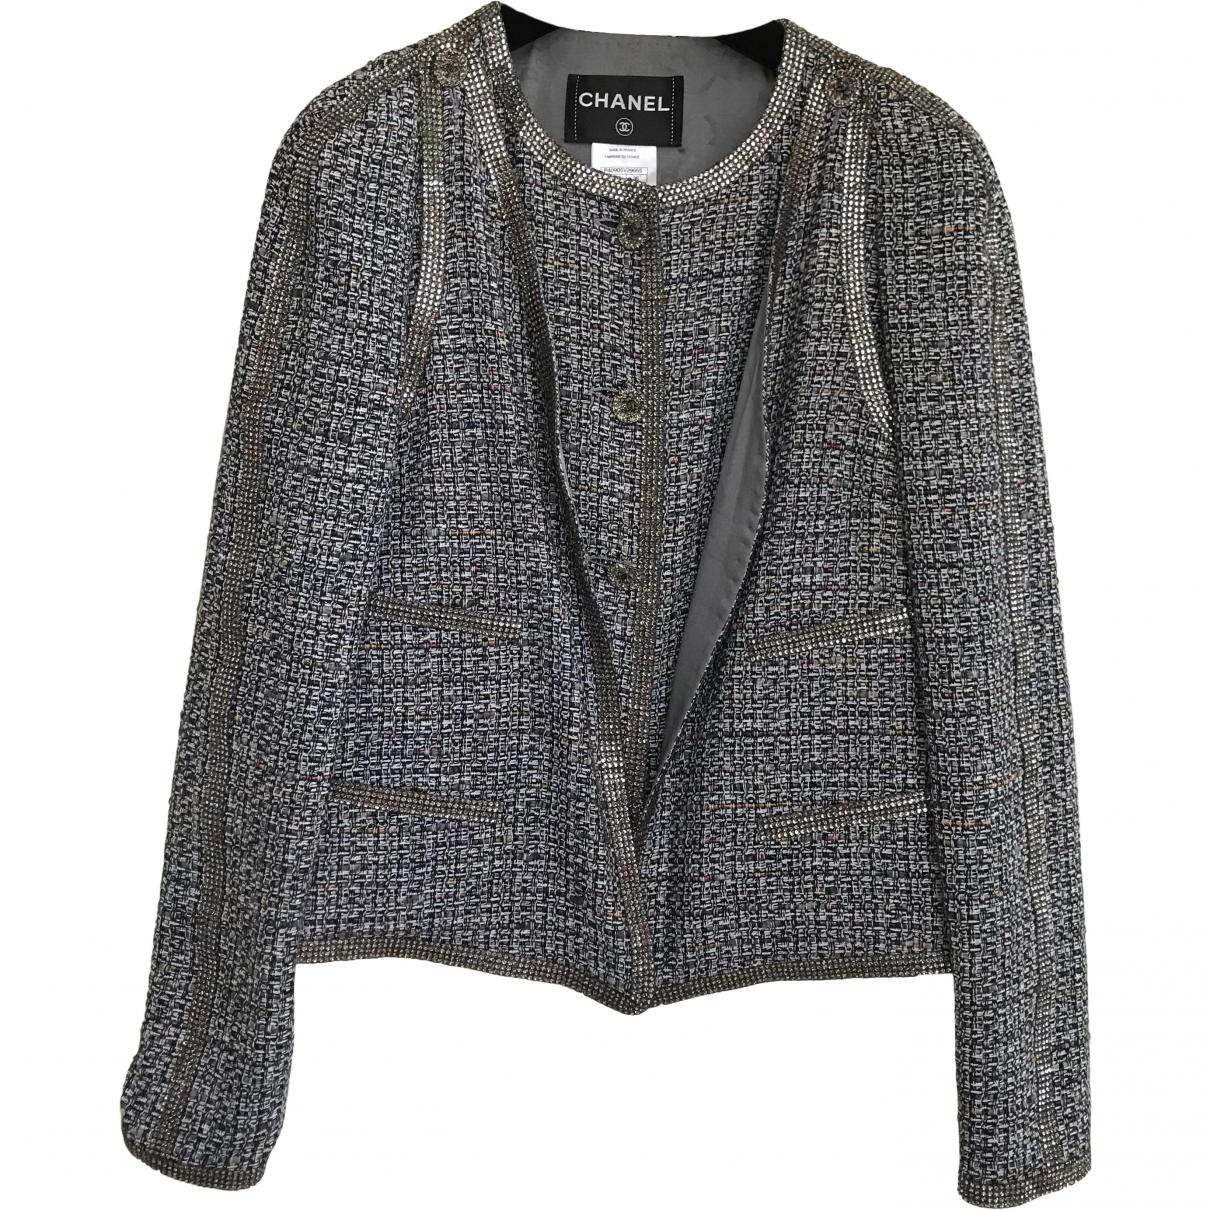 Chanel \N Jacke in  Bunt Tweed